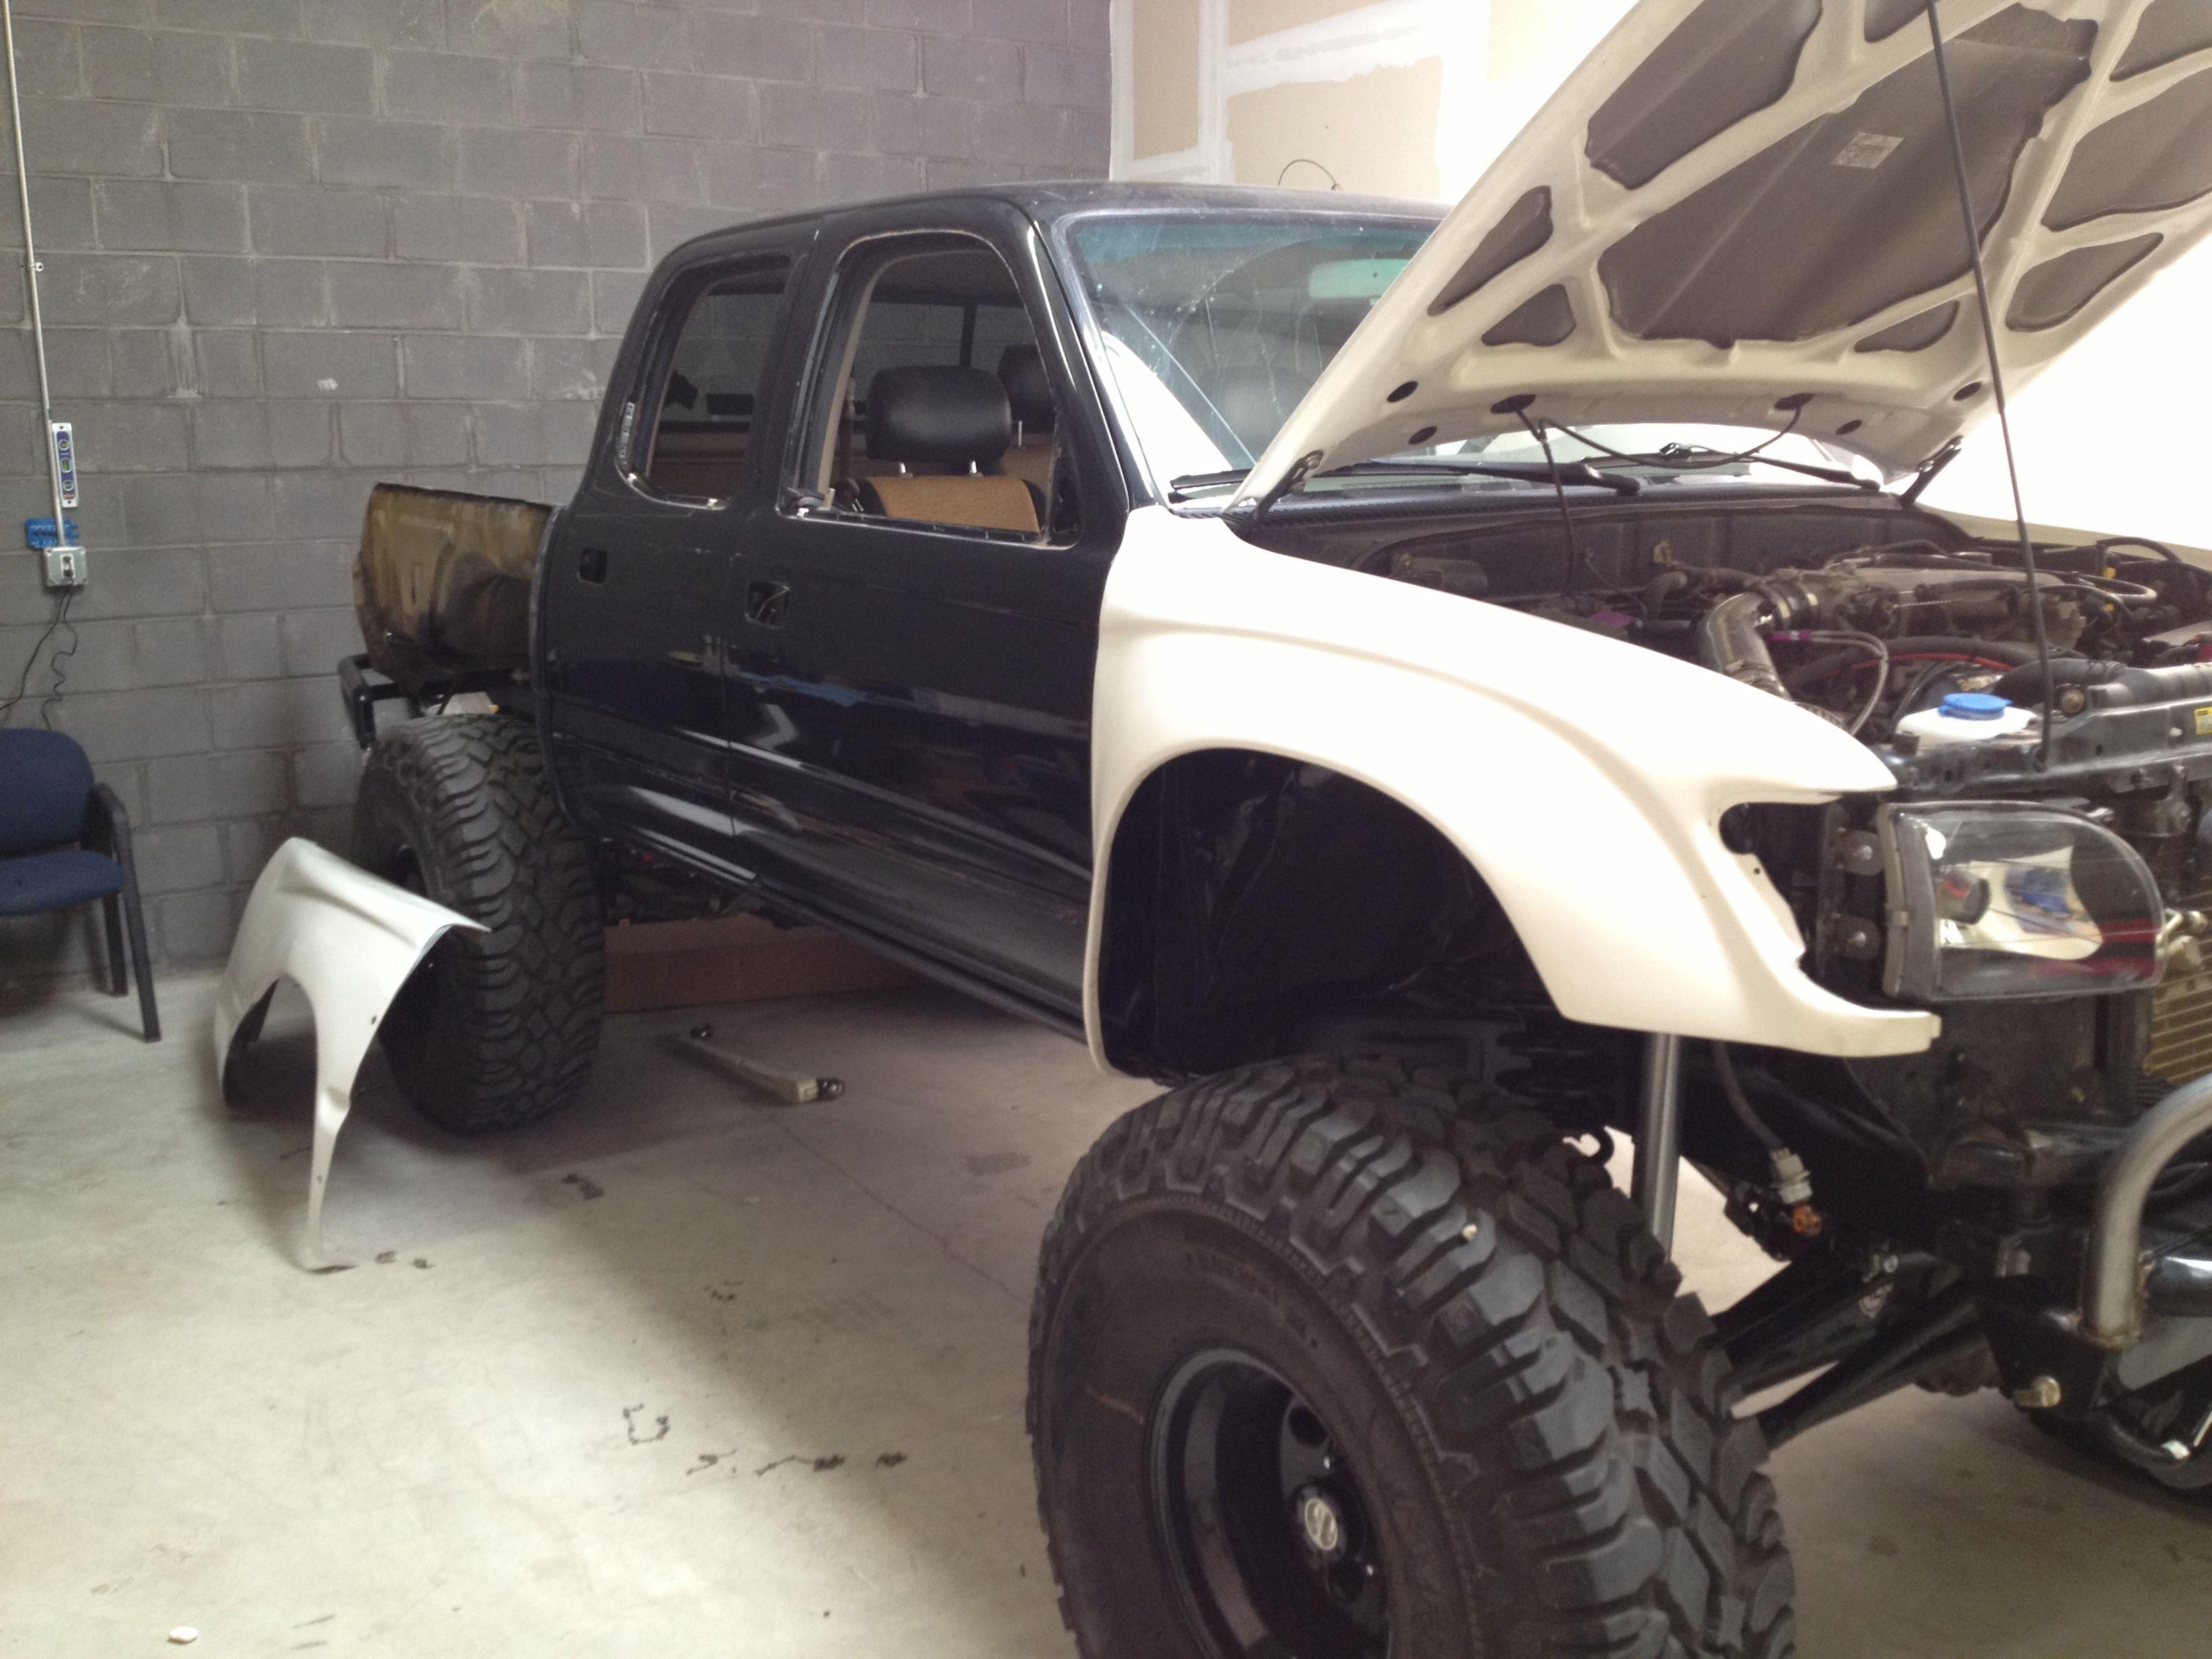 Pre wrap Monster trucks, Pre wrap